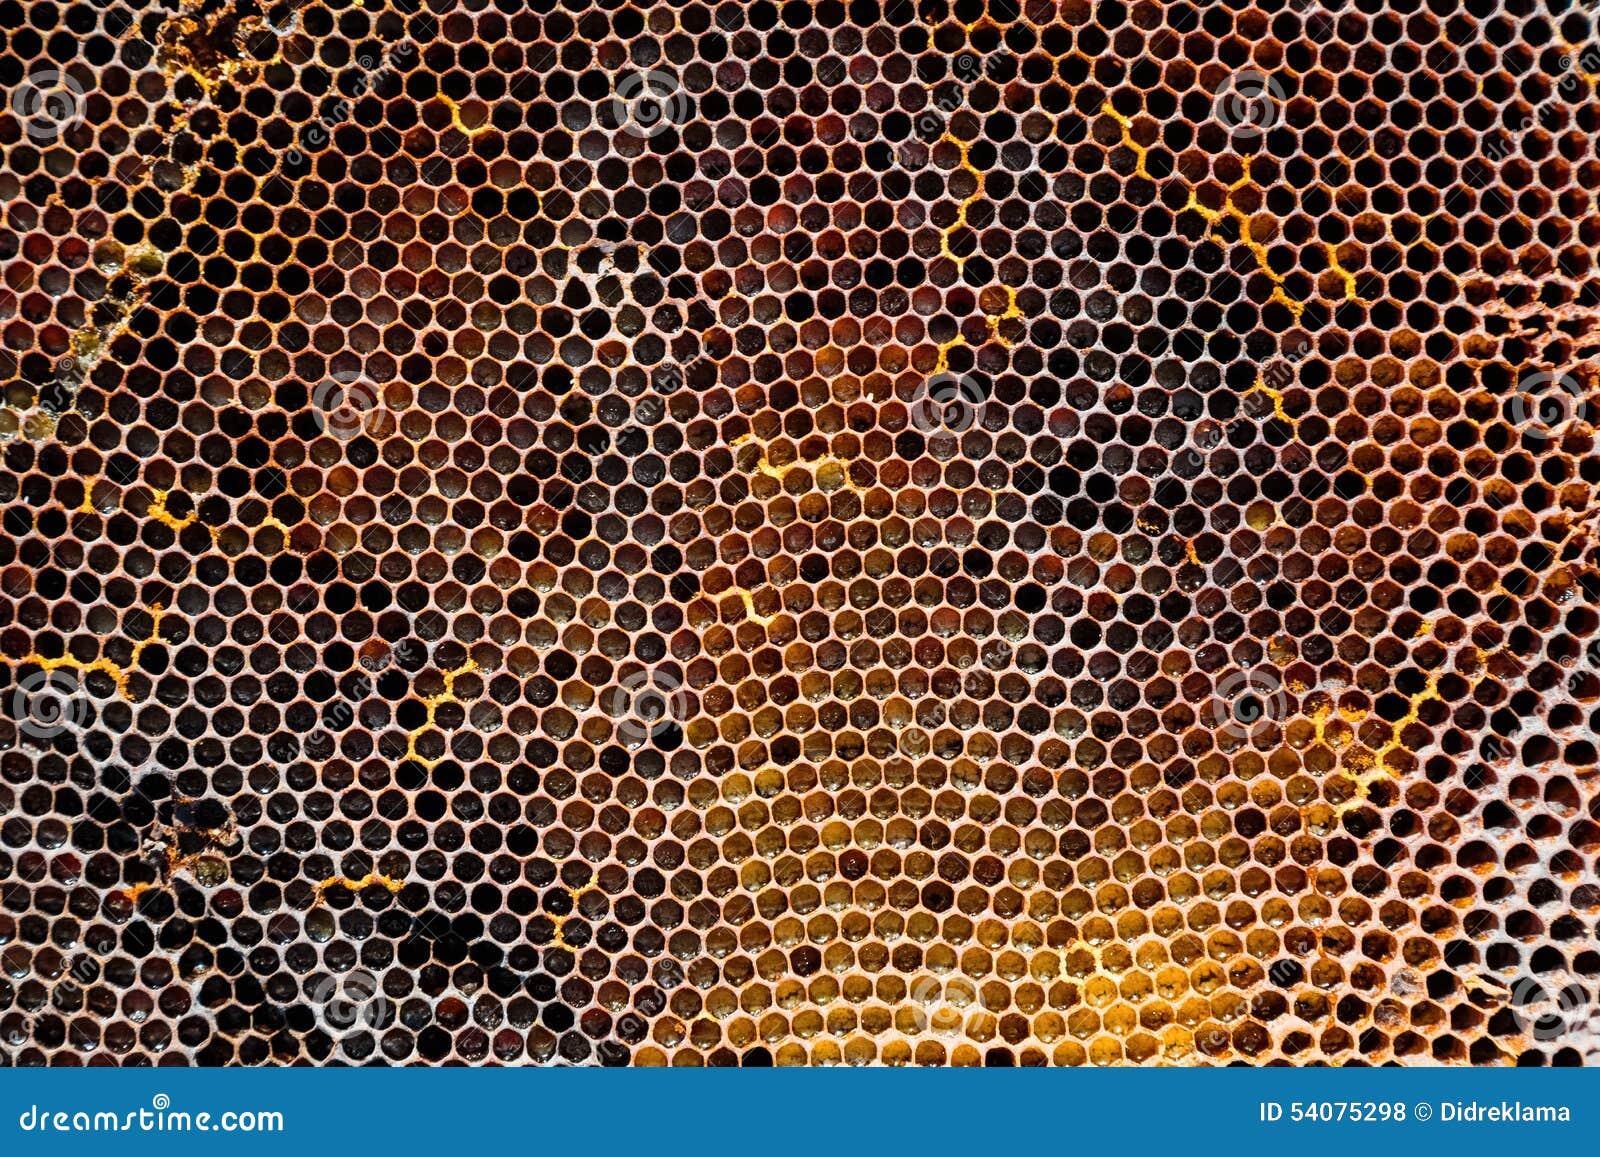 Beeld van een oude honingraat in close-up